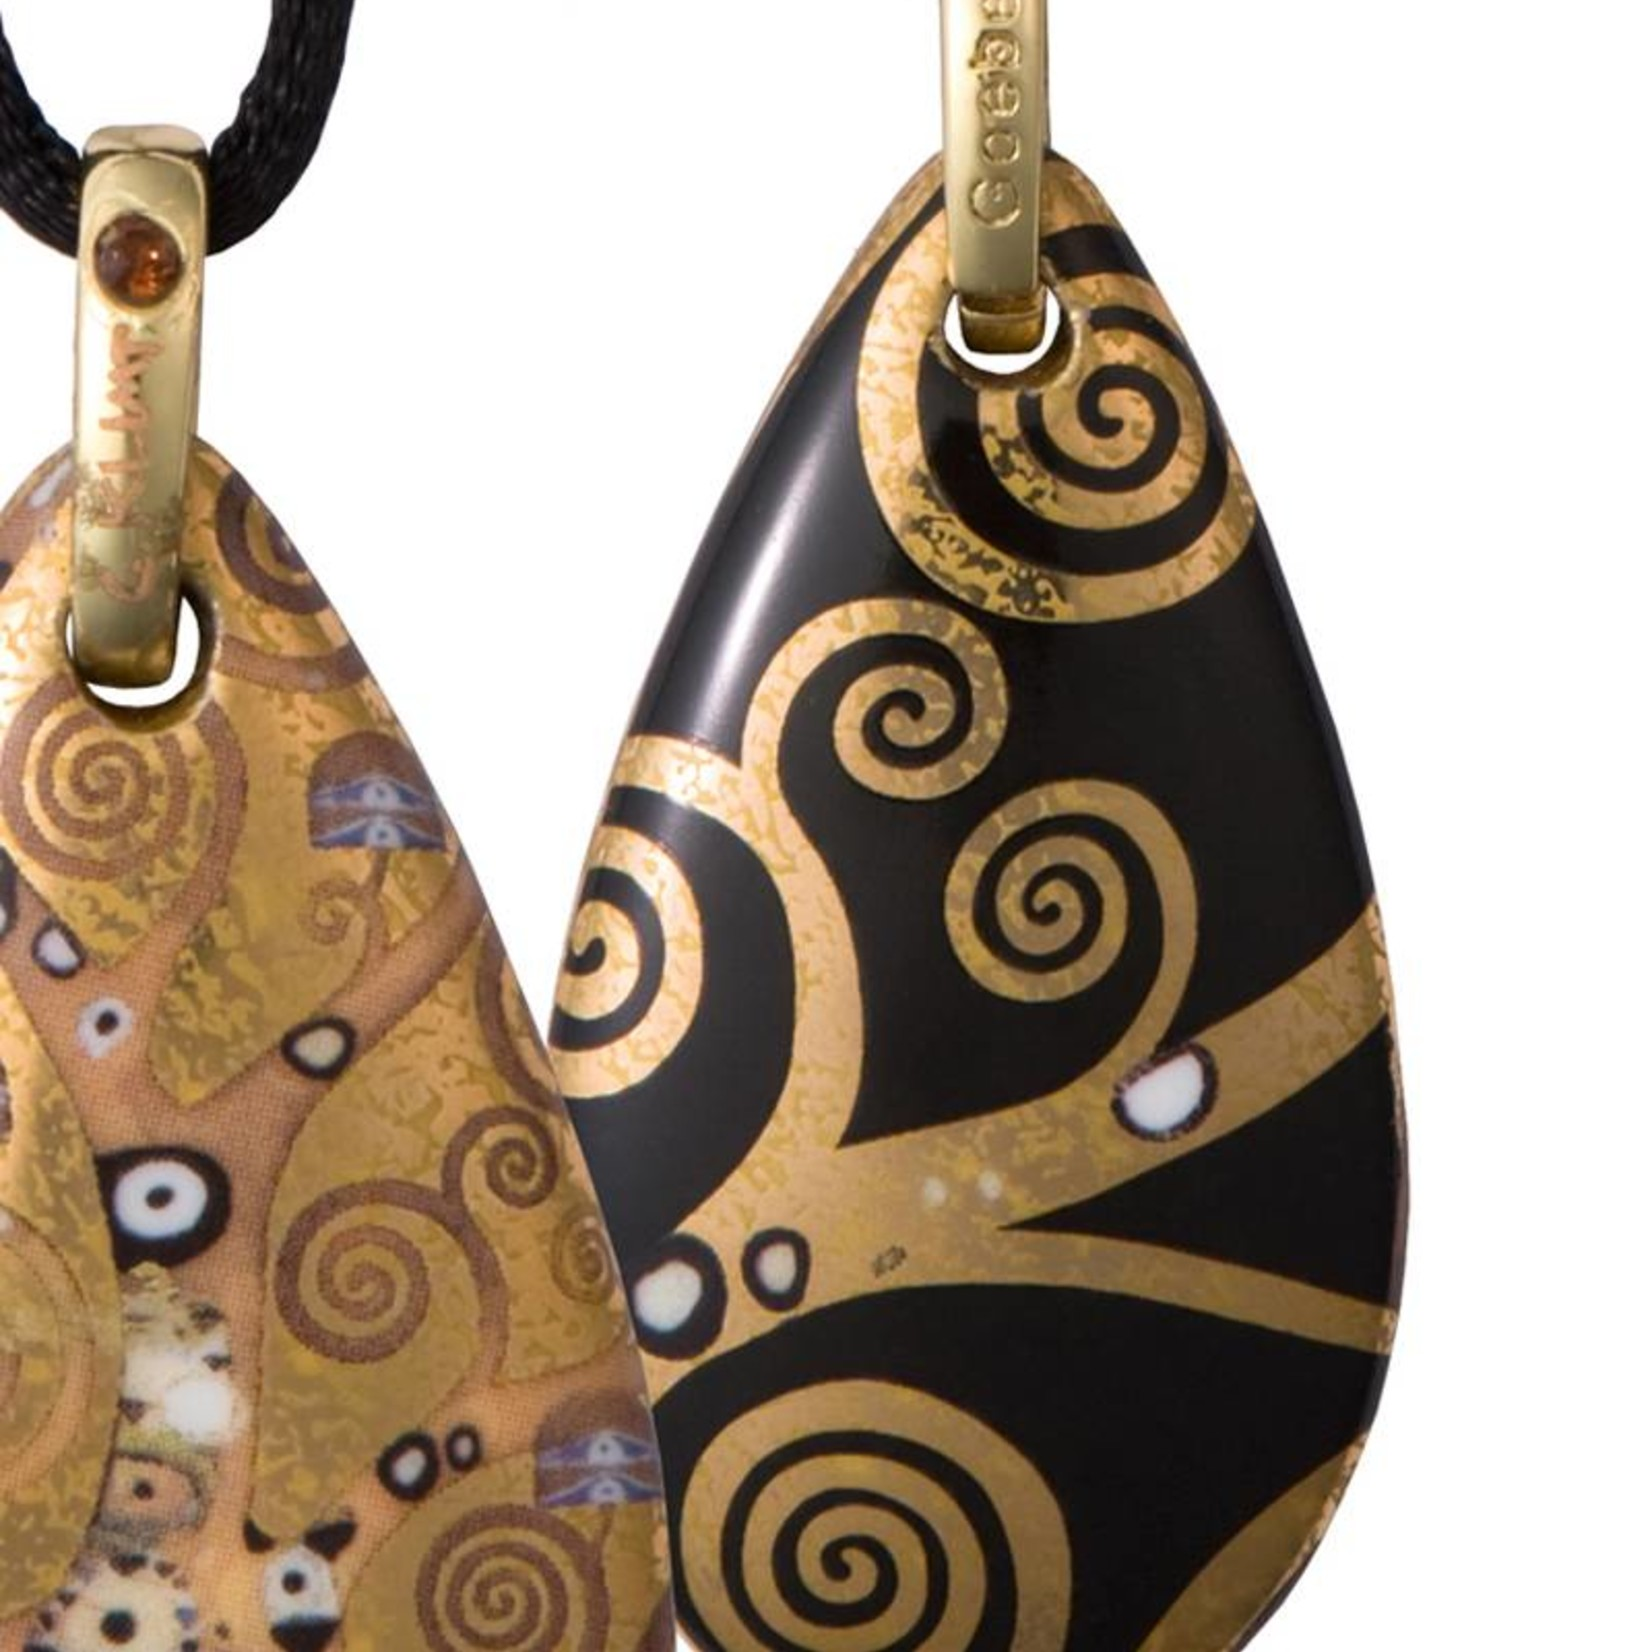 Goebel Porzellanmanufaktur Kette Lebensbaum I Gustav Klimt I Goebel Porzellan